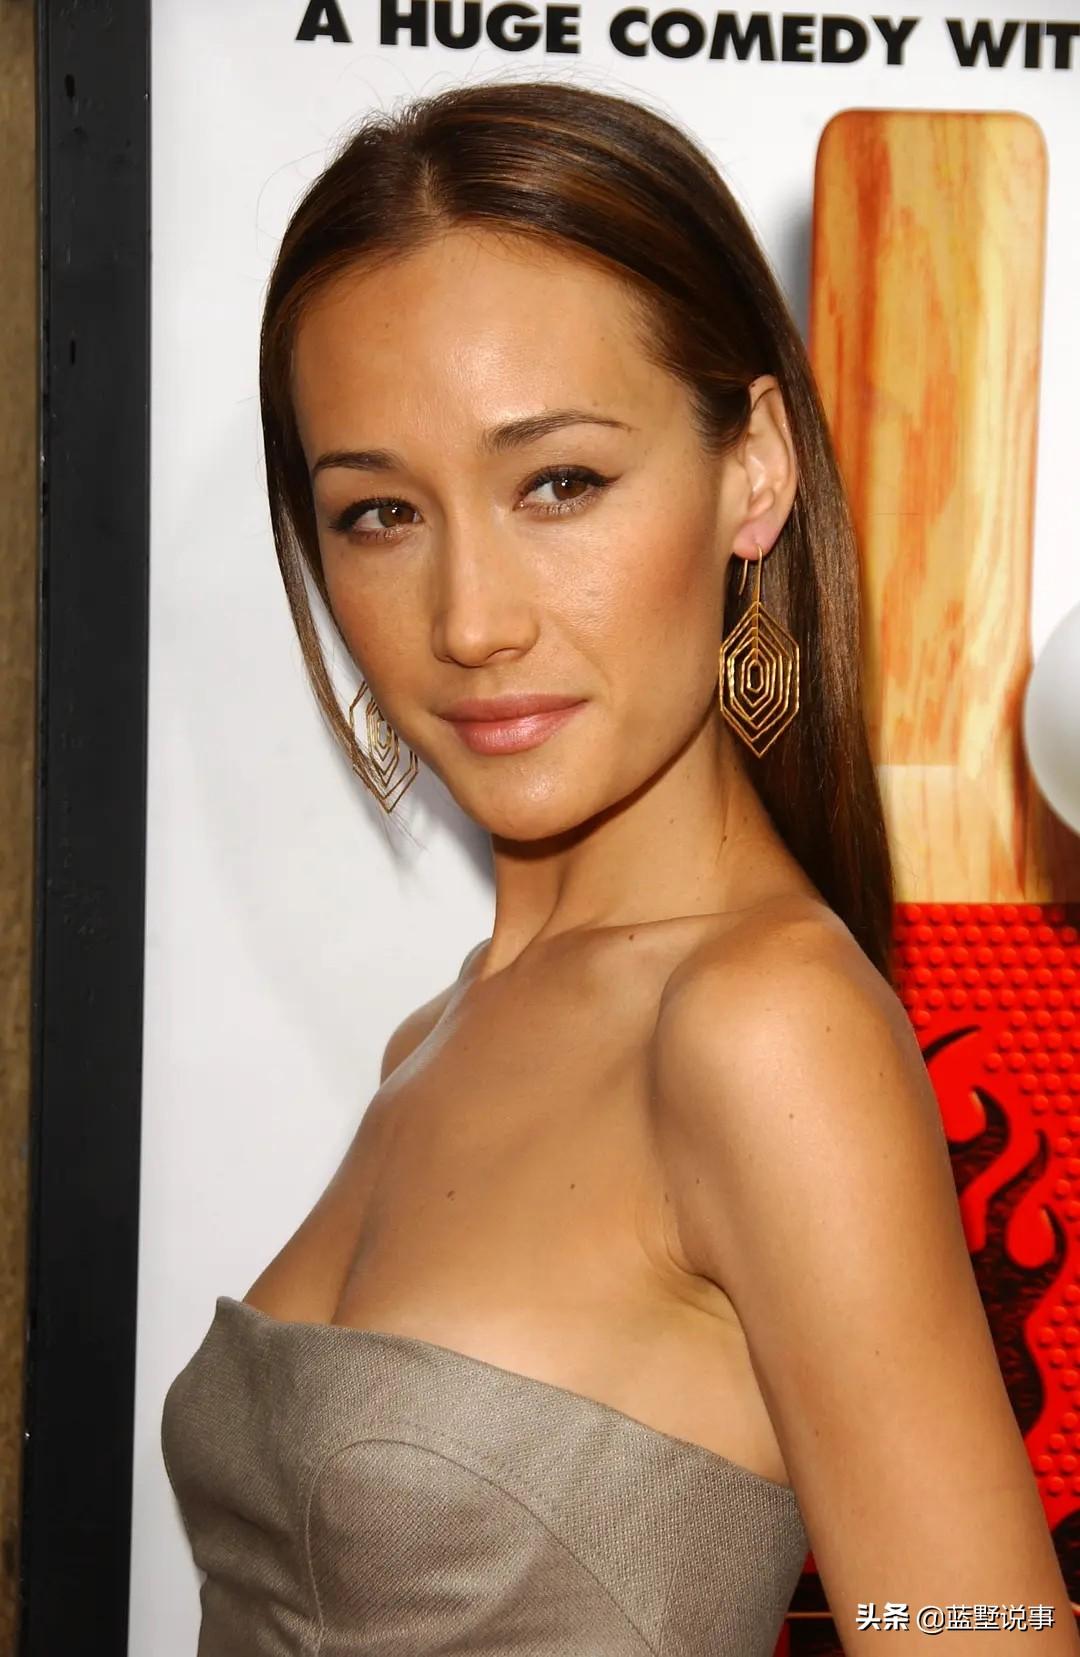 越南也有十大美女明星,排在第一的是美越混血儿,你看她最美吗?